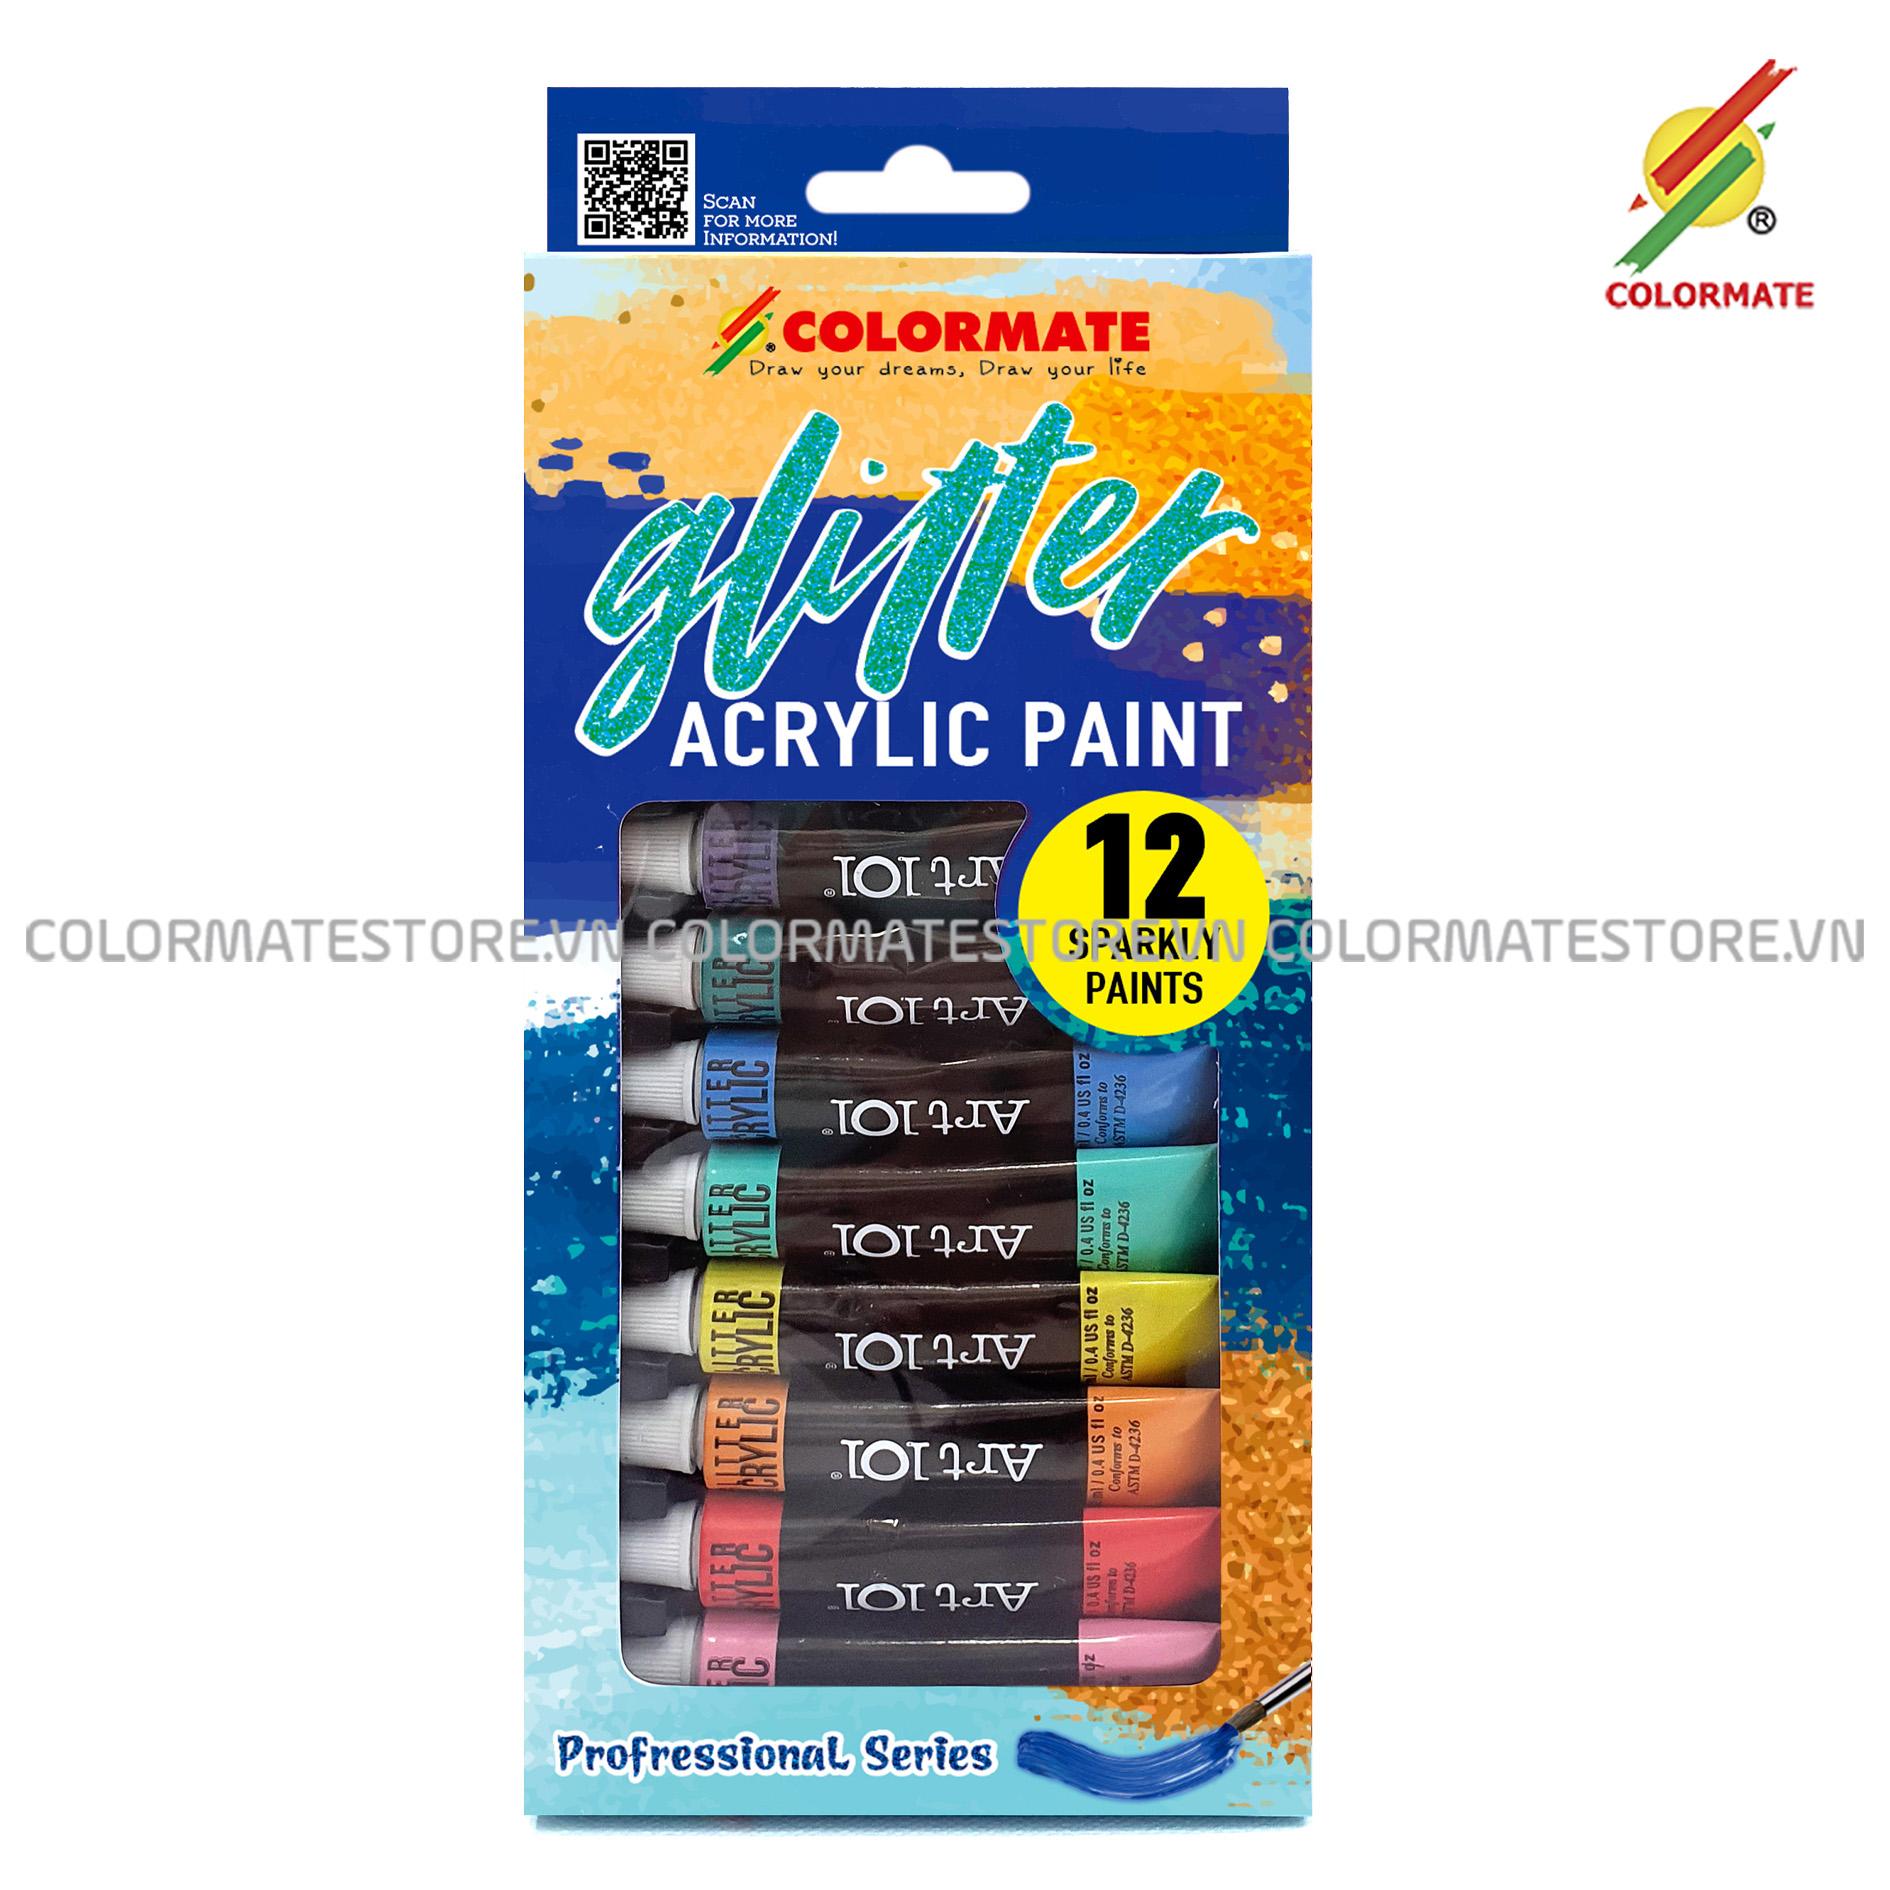 Hộp Giấy 12 Tuýp Glitter Acrylic Paint Bất Ngờ Ưu Đãi Giá